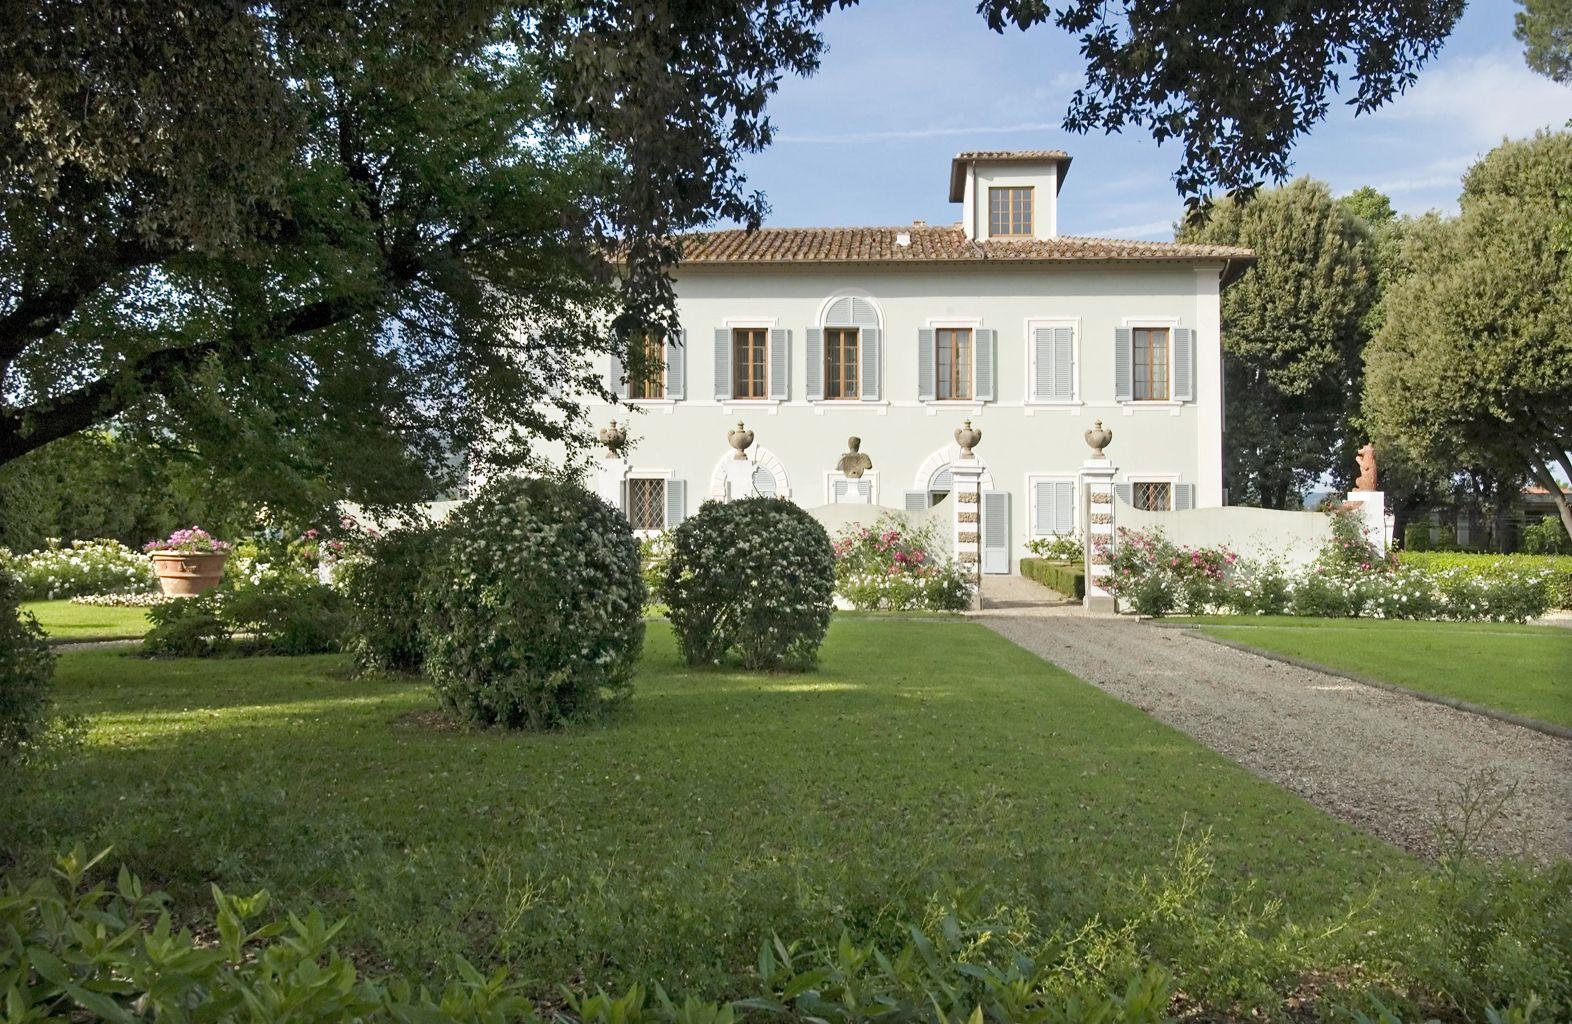 Villa Olmi Firenze—Bagno A Ripoli, Italy. #Jetsetter | Italy ...